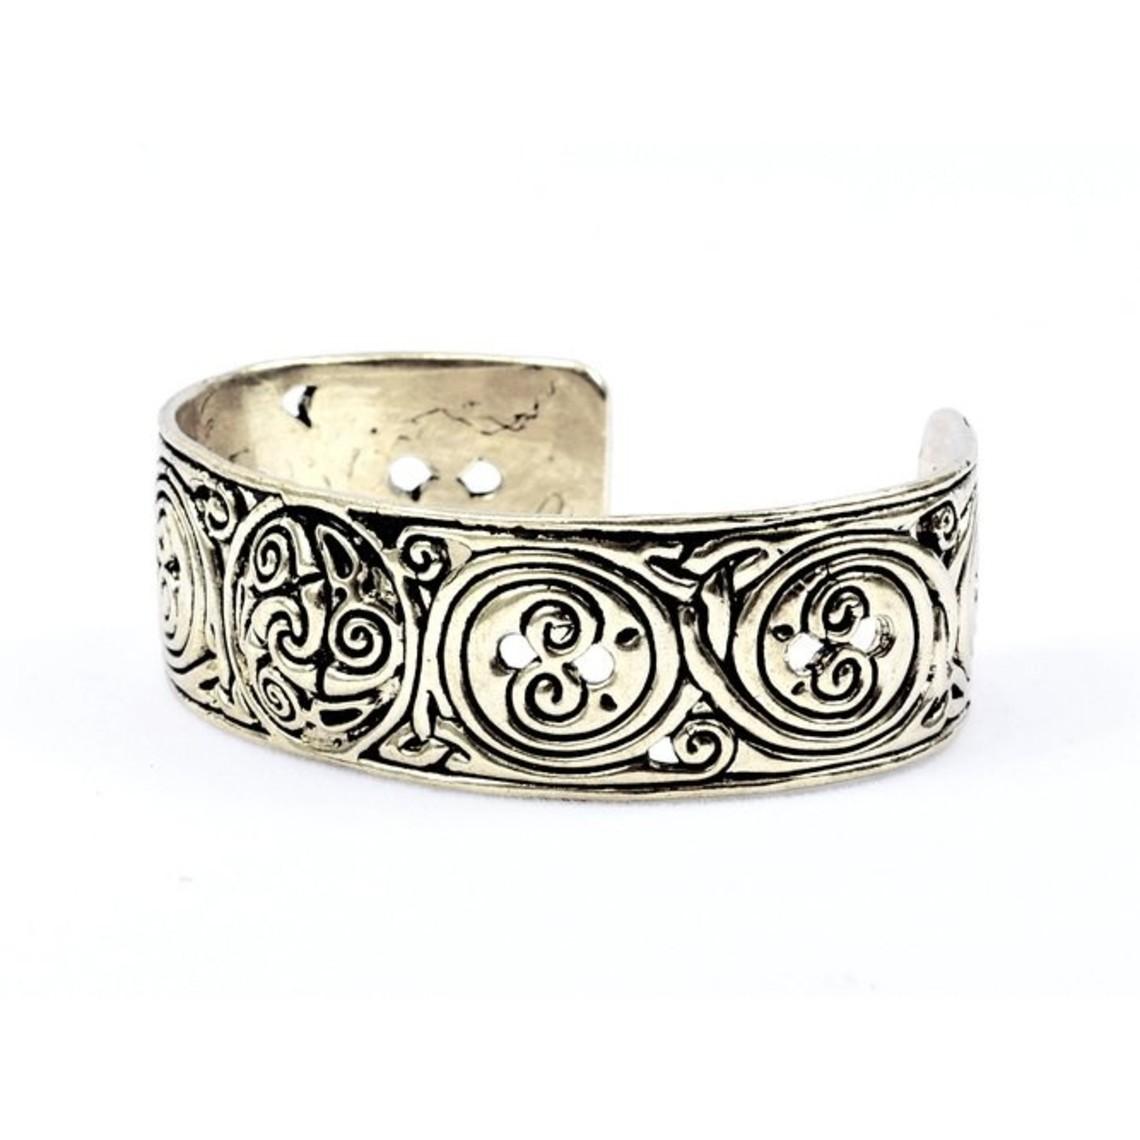 Keltische armband triskelion verzilverd